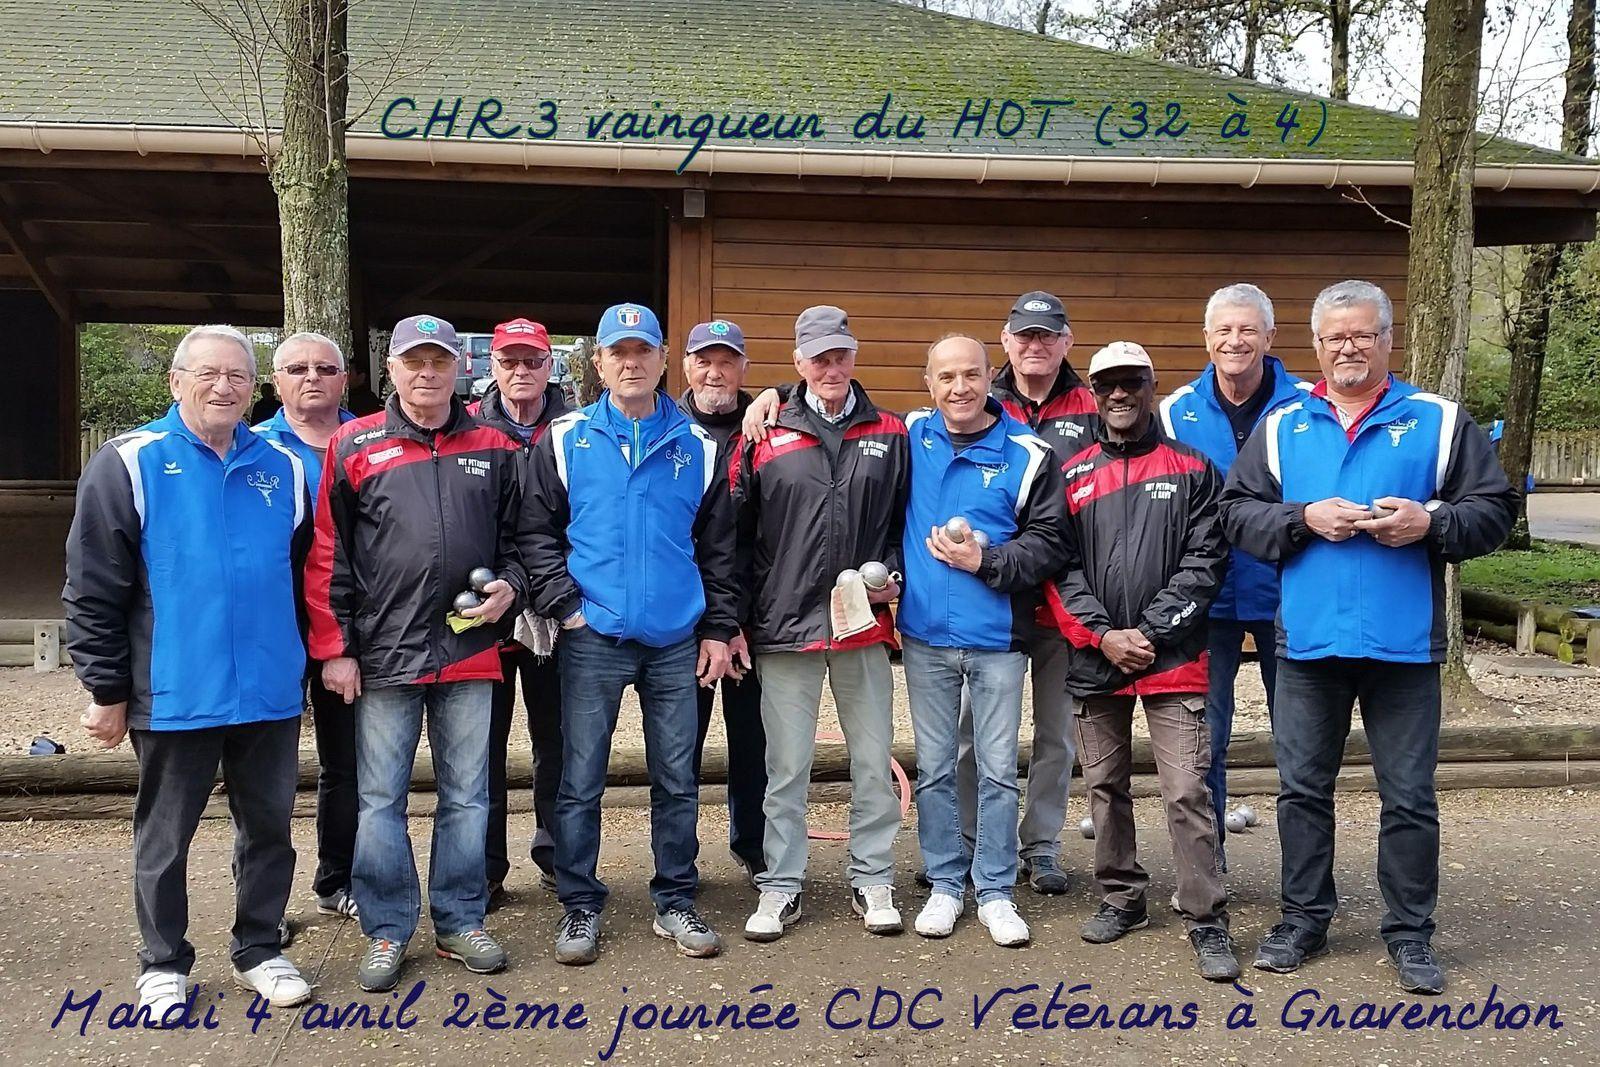 Mardi 4 avril 2ème journée CDC Vétérans à Gravenchon